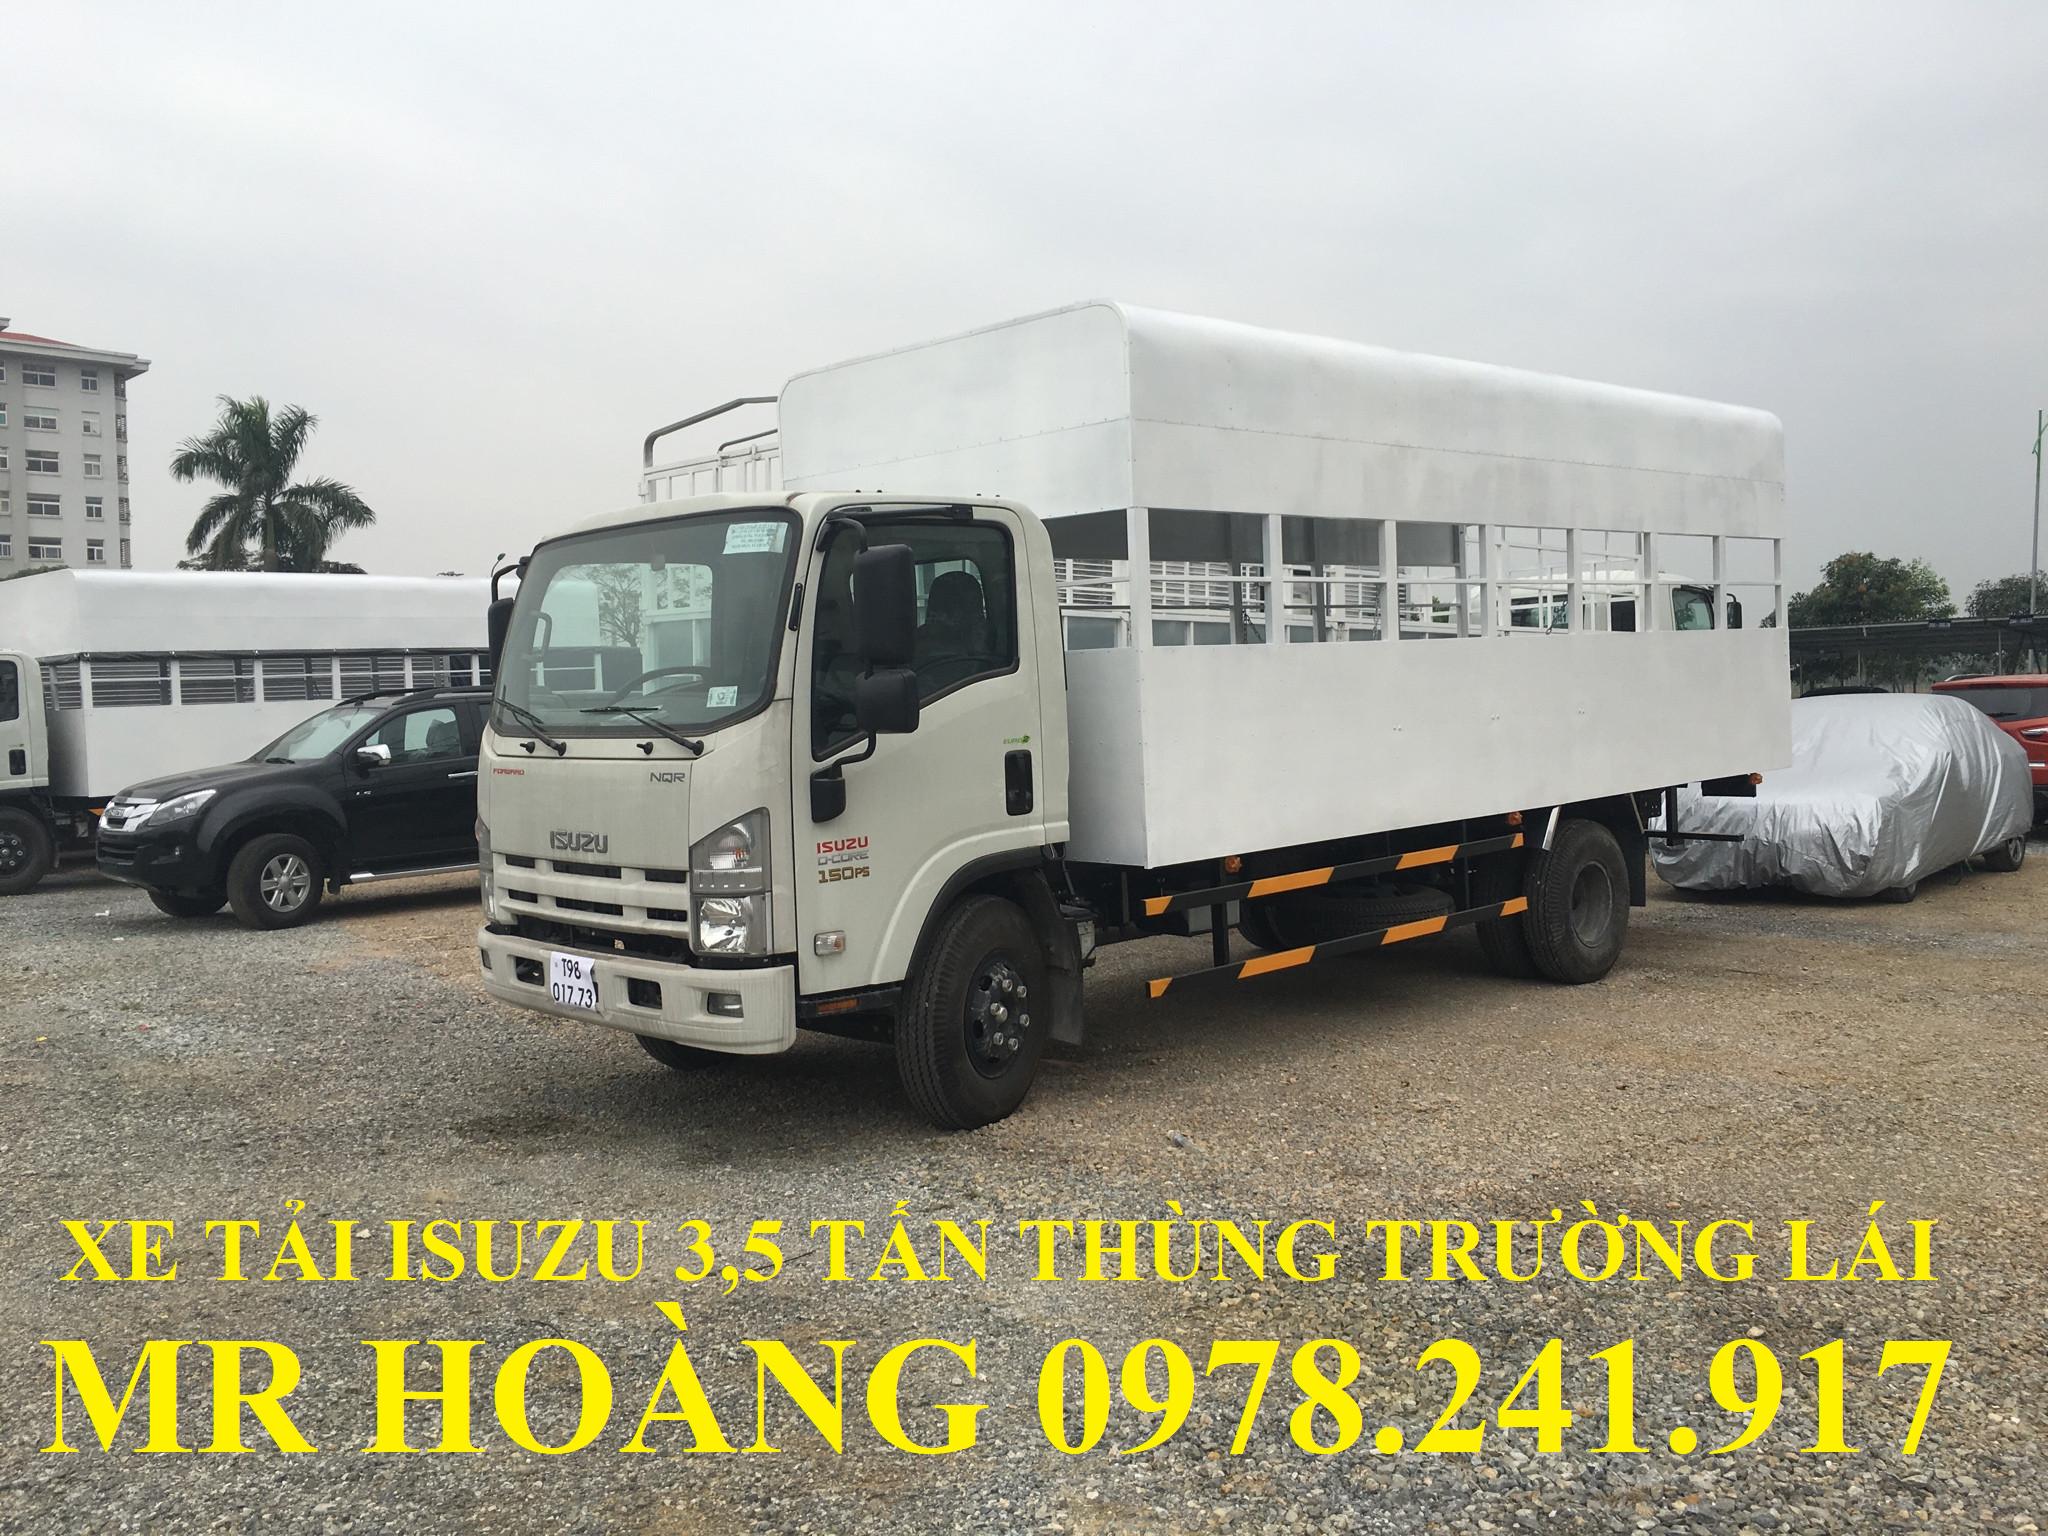 xe tải isuzu 3,5 tấn thùng trường lái